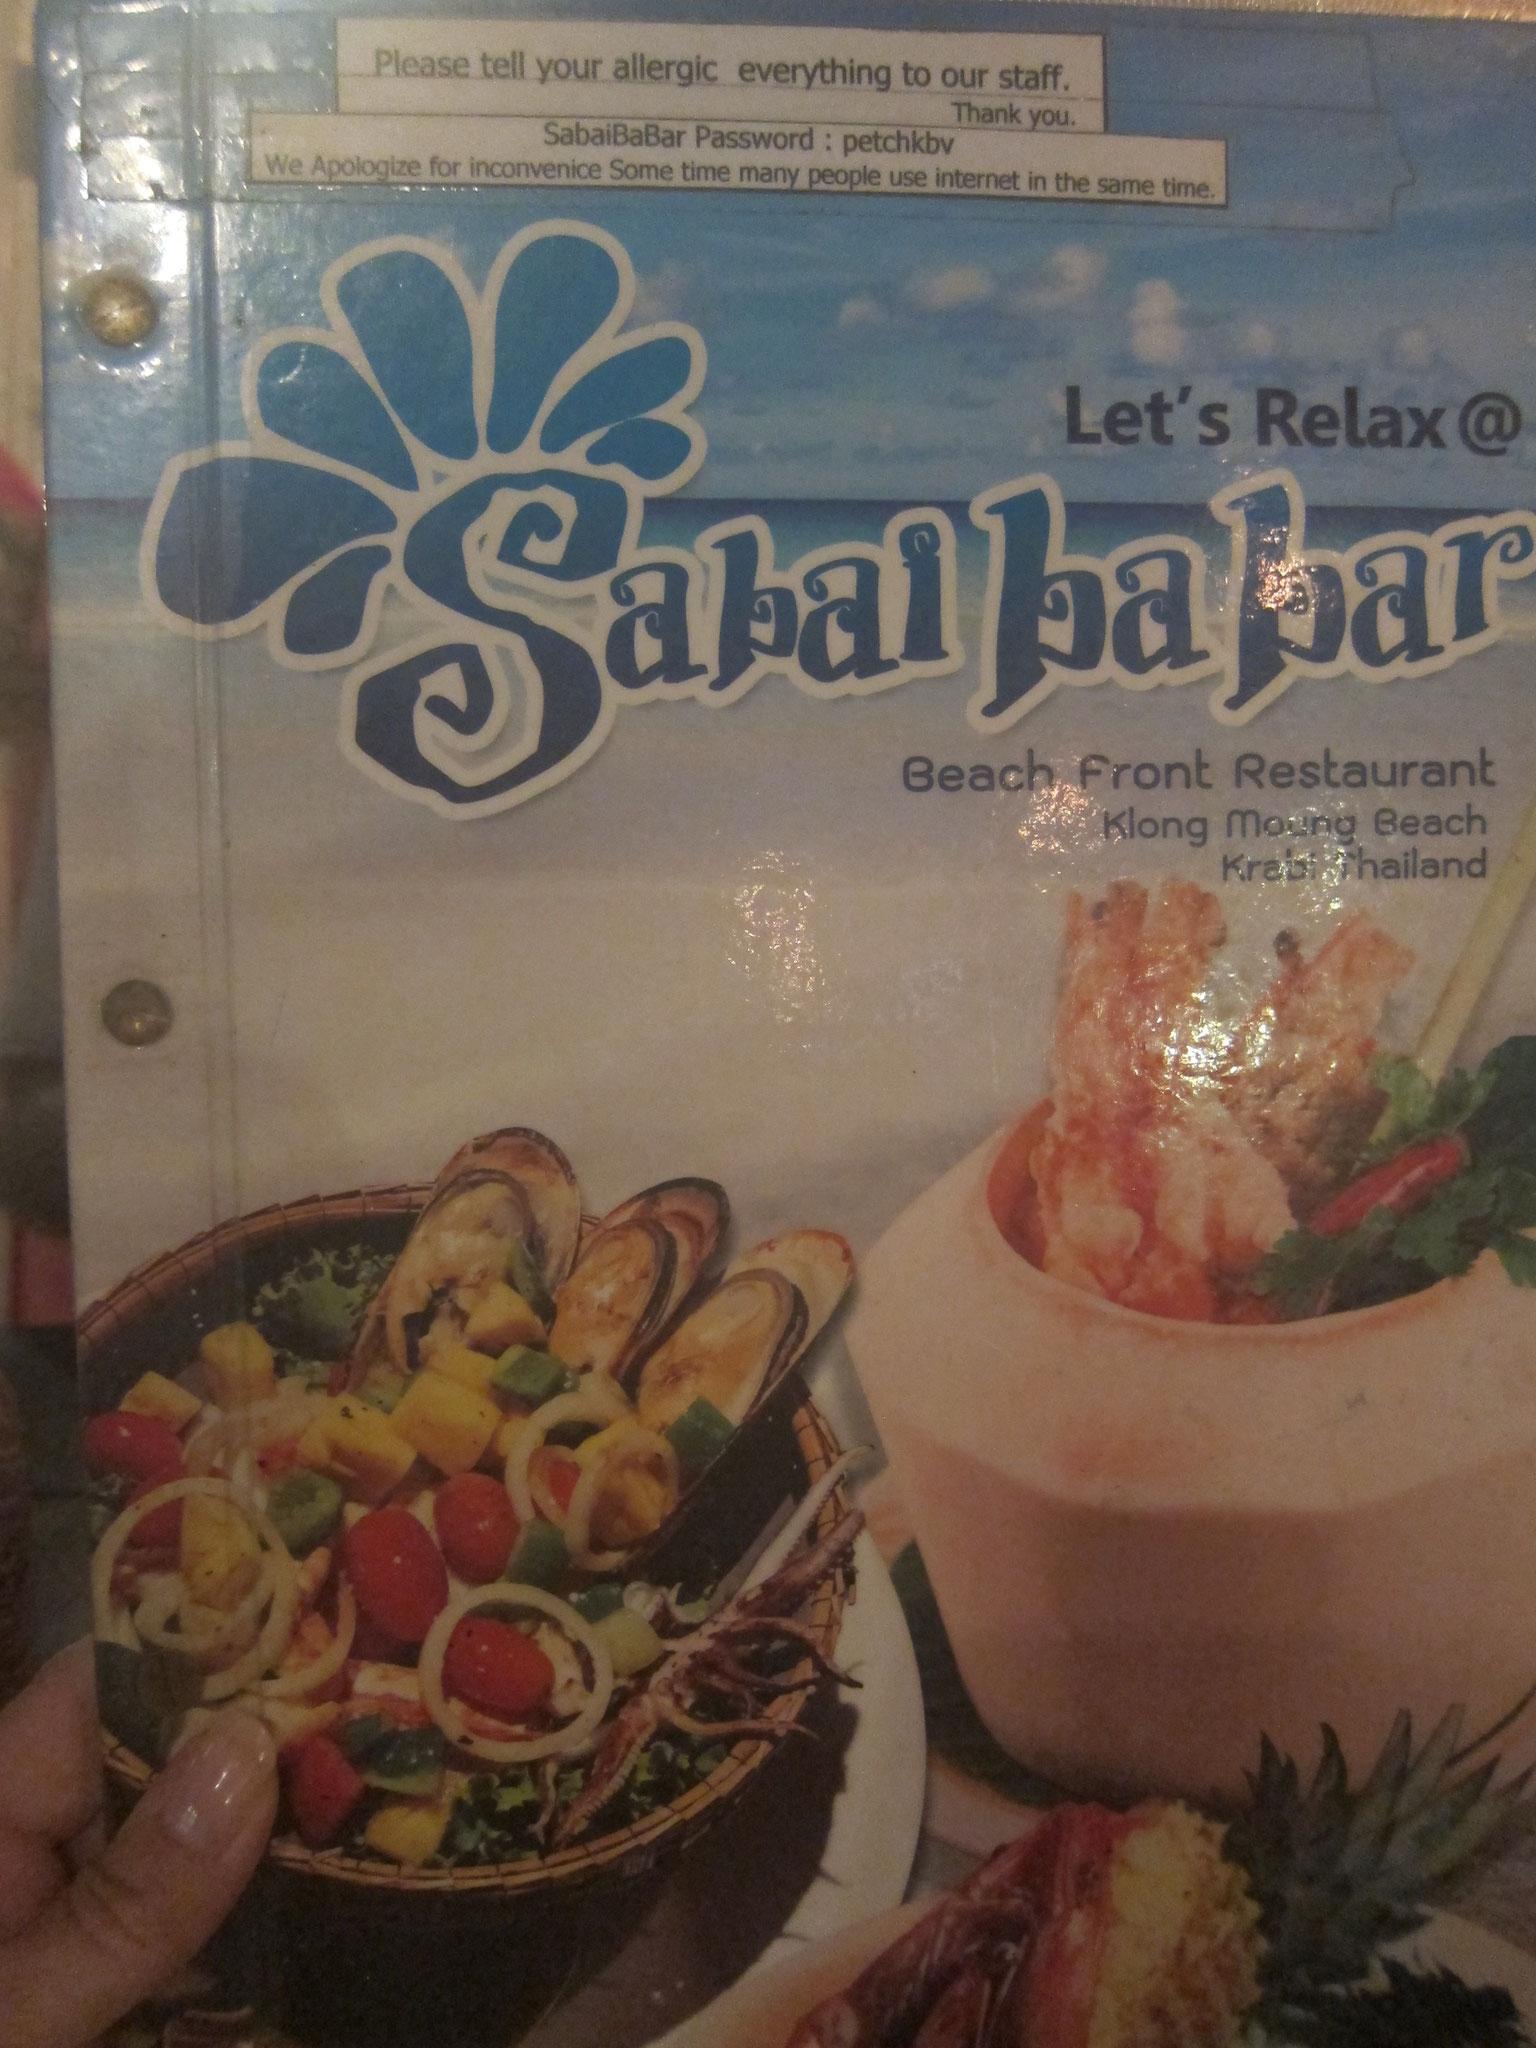 Sabai Ba Bar Speisekarte